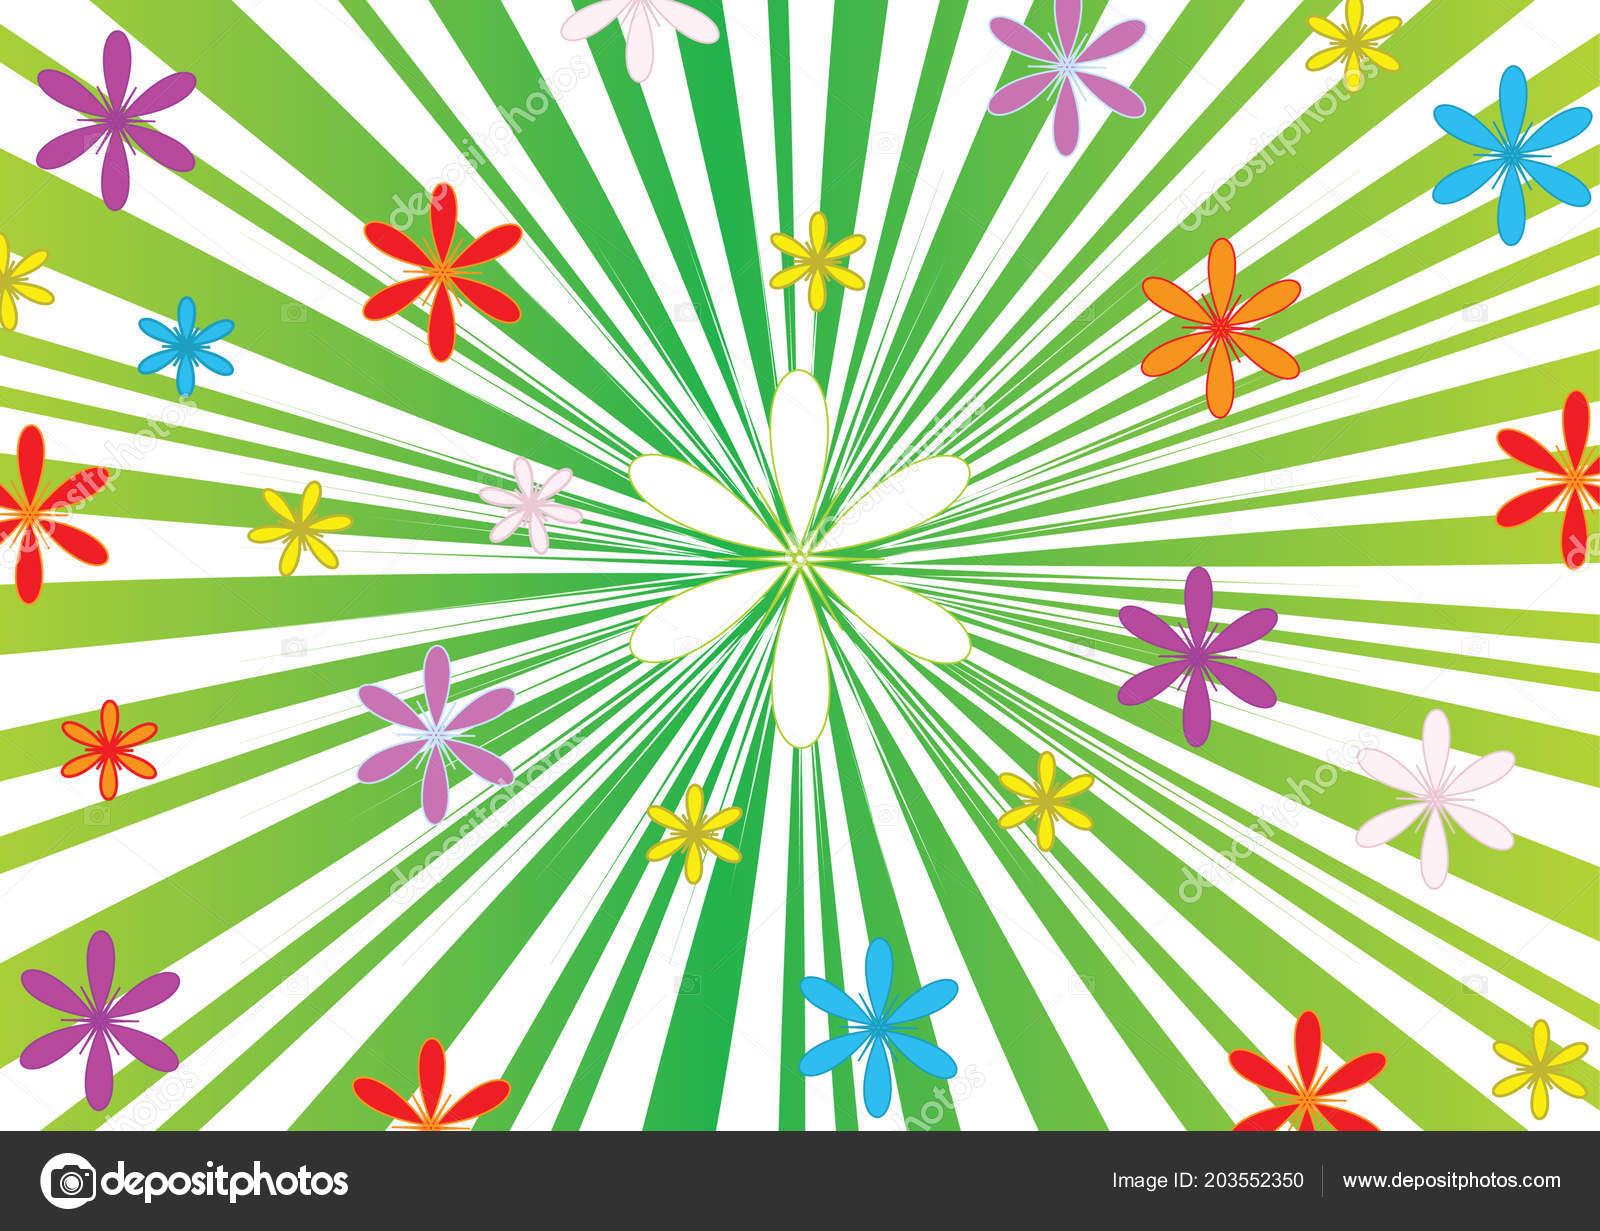 Sfondo Verde Con Fiori Sfondo Con Fiori Vettore Formato Jpg